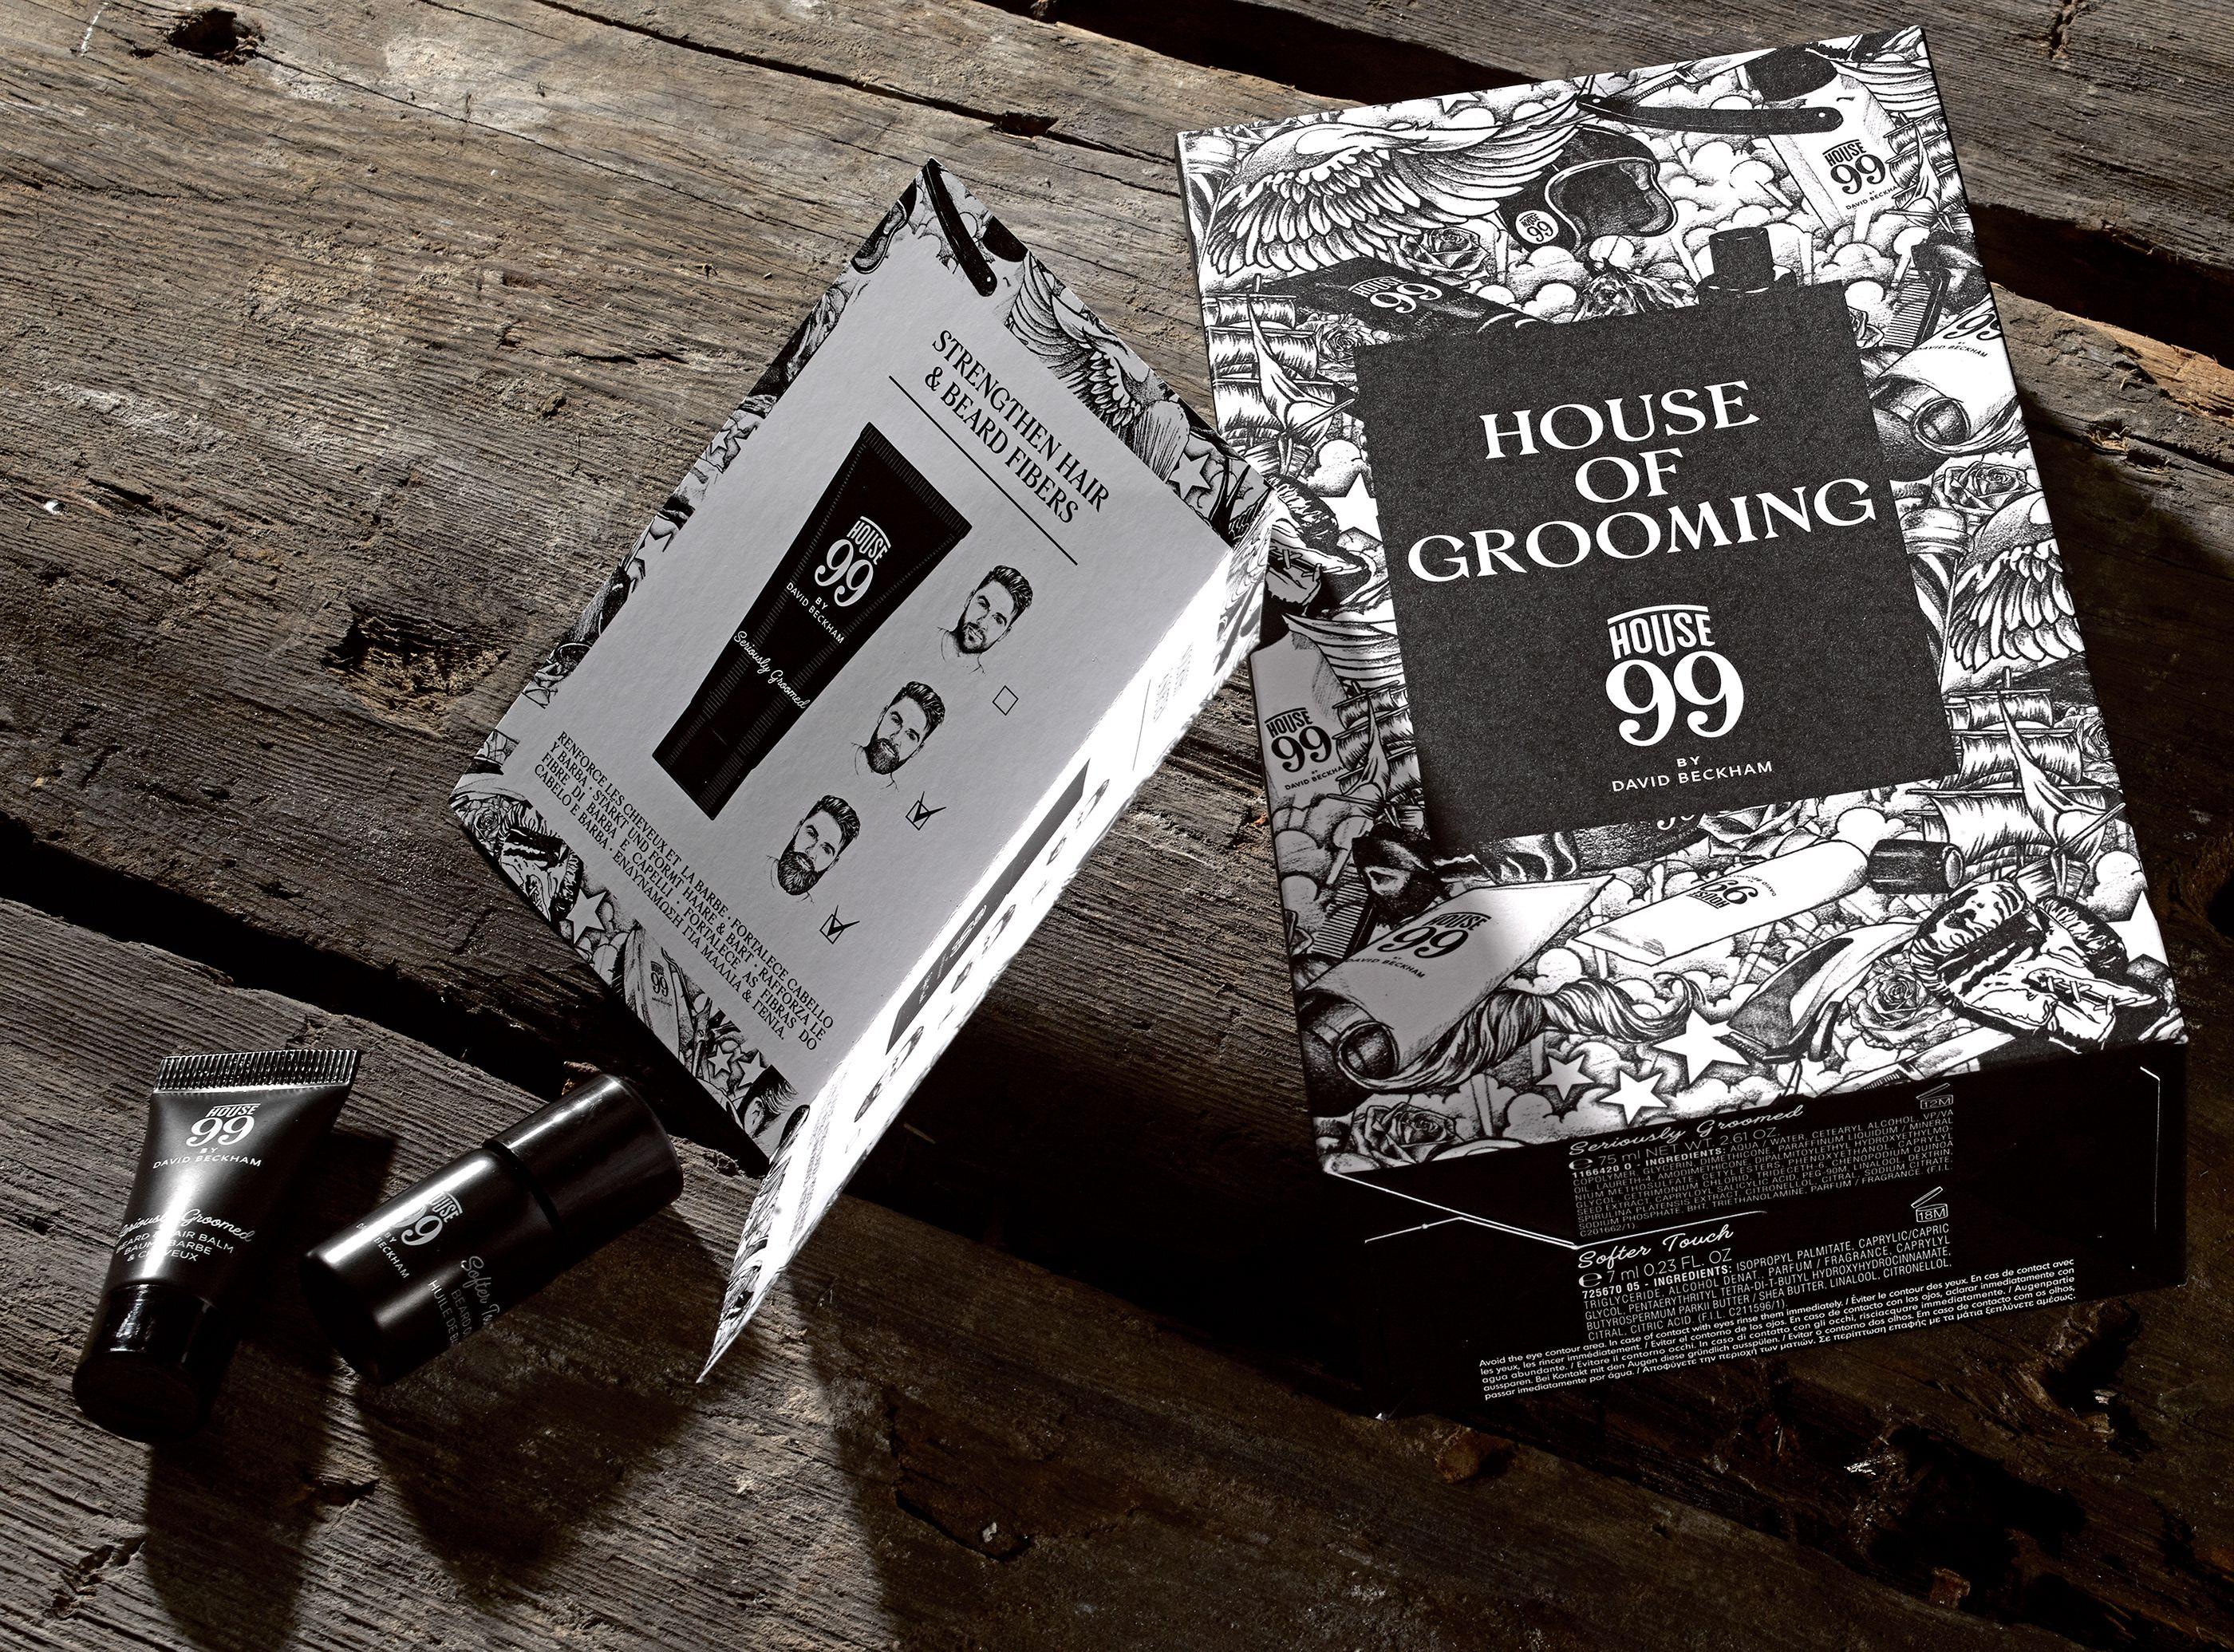 House 99 by David Beckham on Behance David beckham